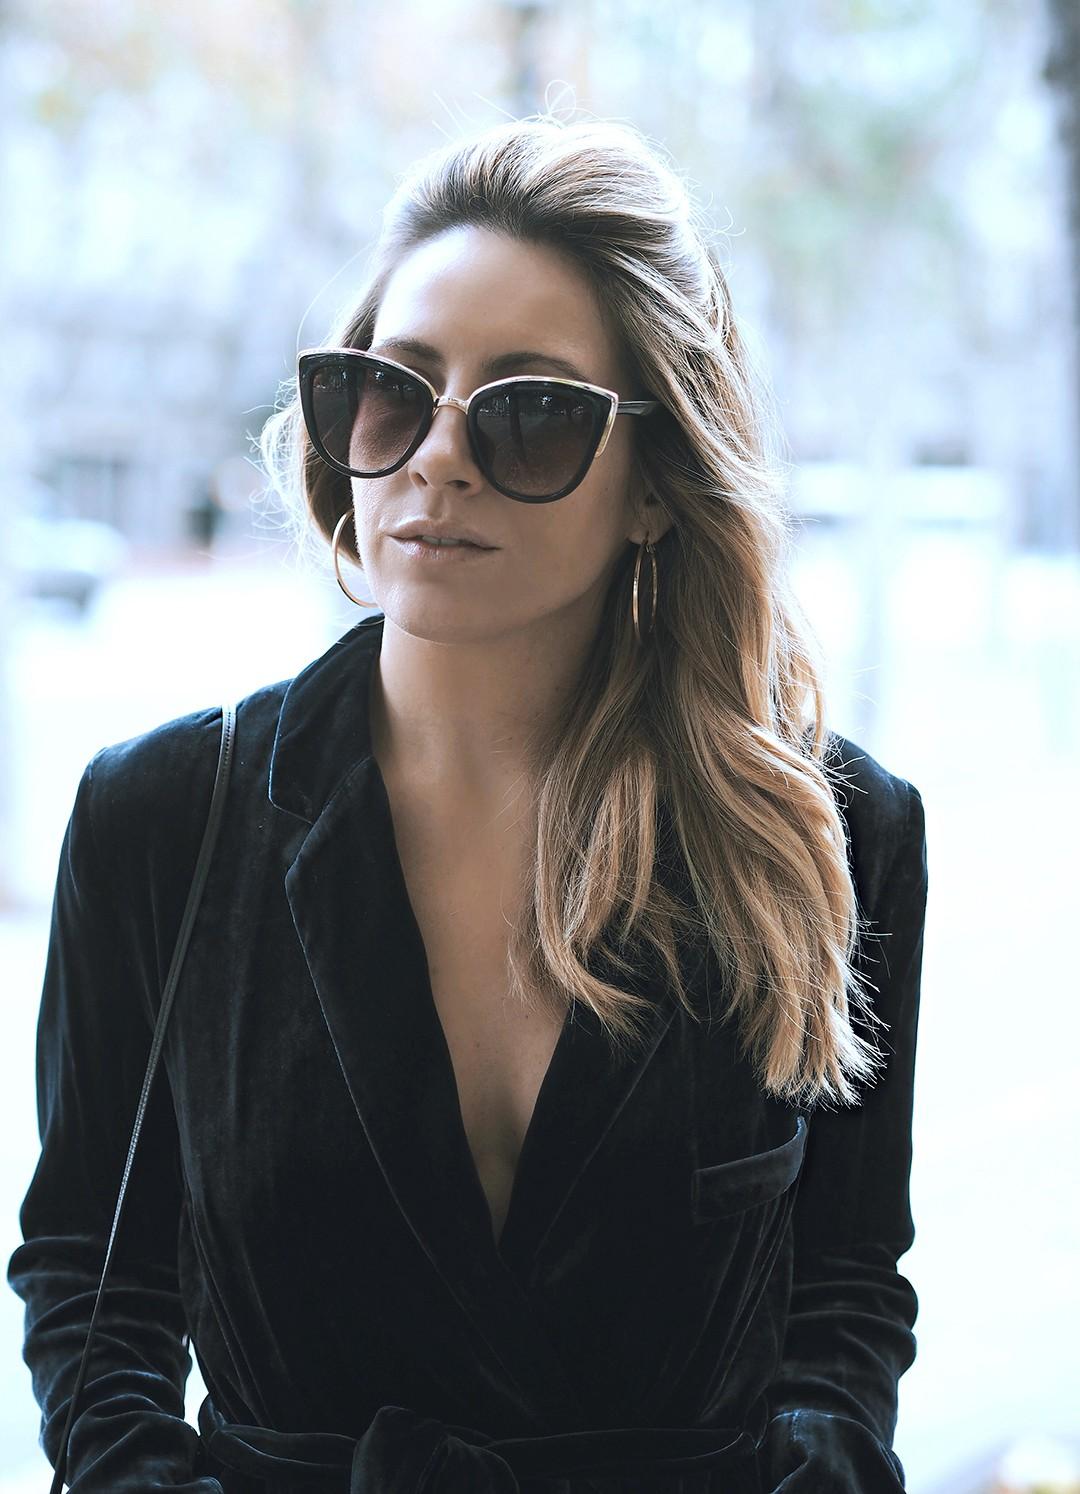 velvet-blazer-trends-autumn-2016-fashion-blogger-monica-sors-3